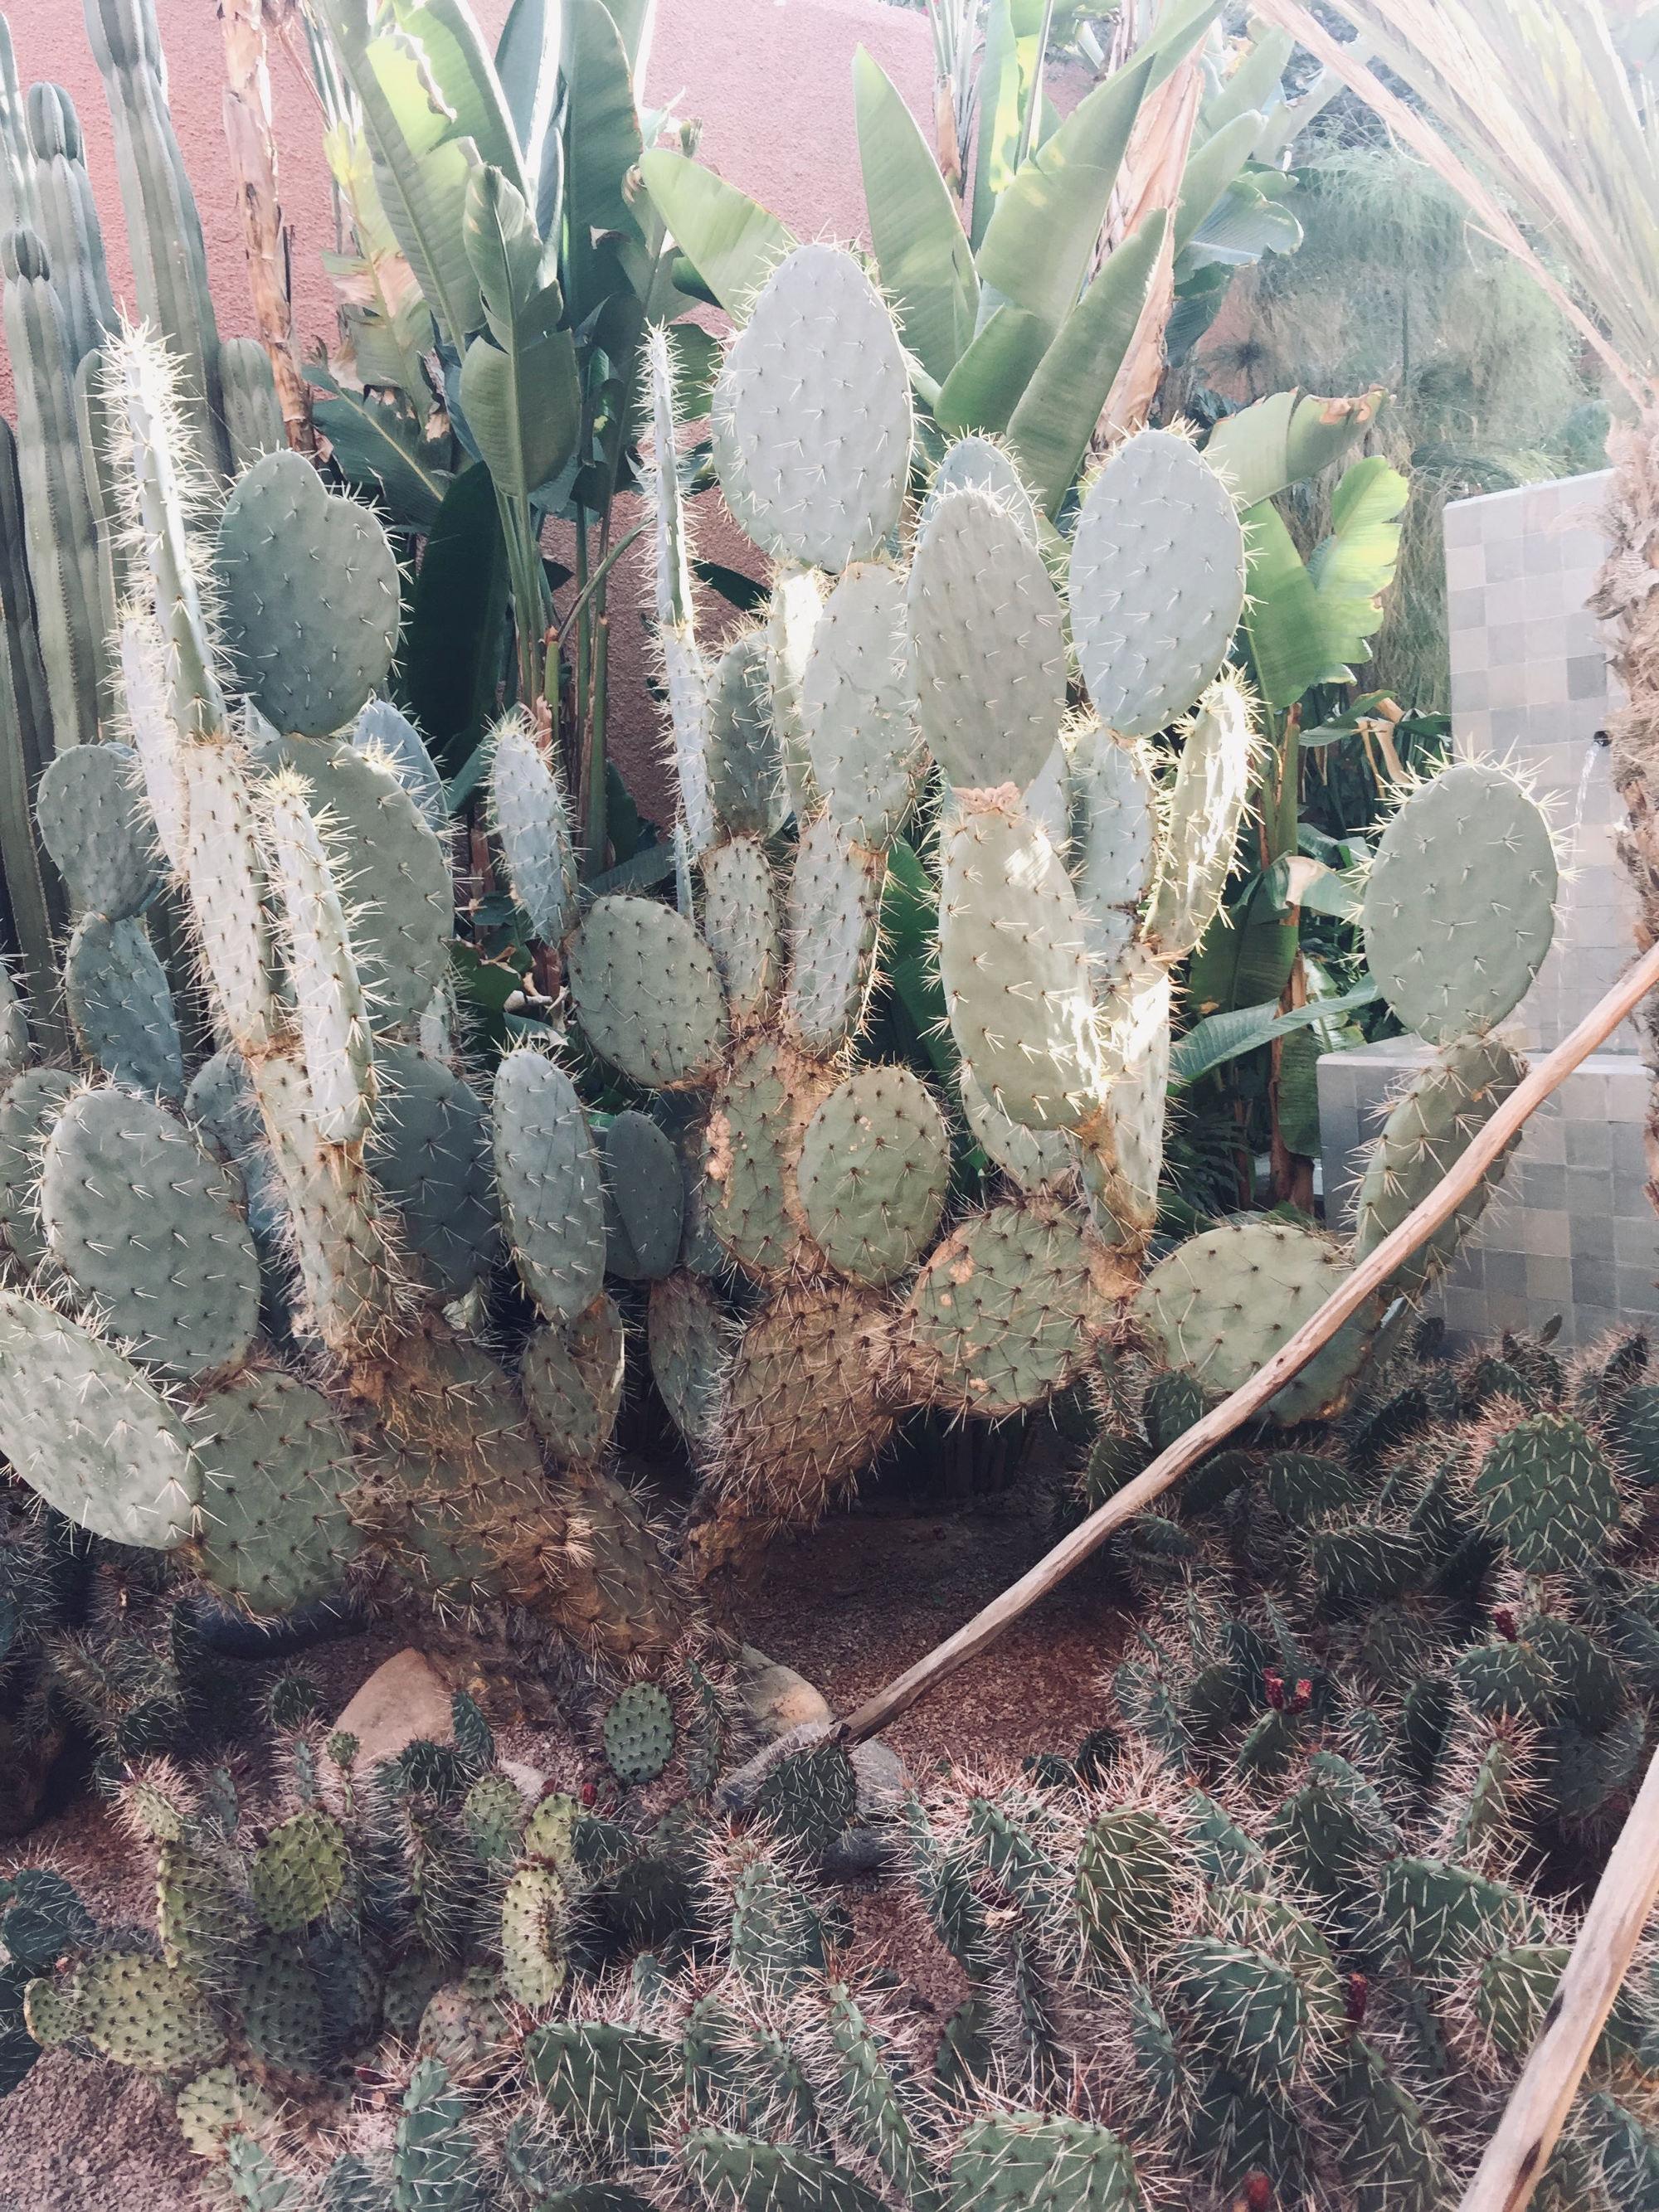 Sehenswürdigkeiten Marrakesch: Gärten - Kakteen